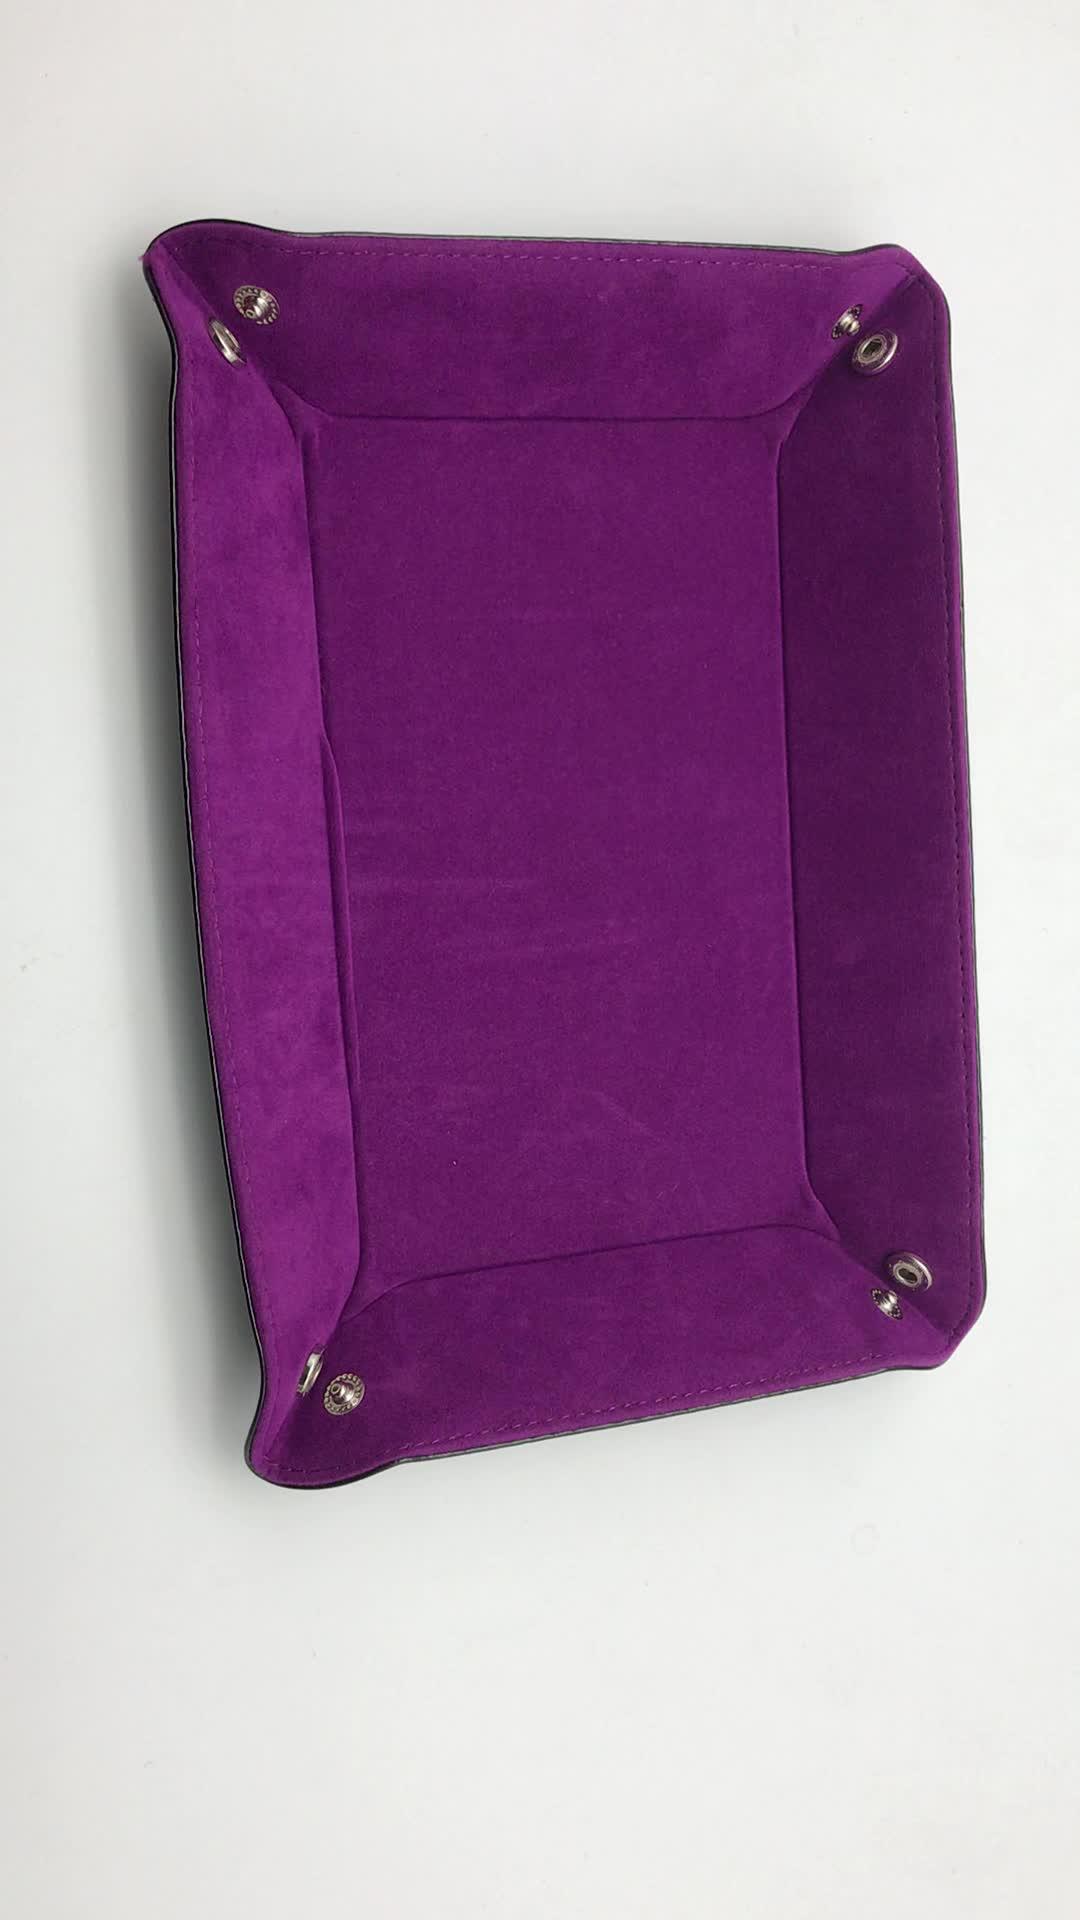 Custom rectangular PU leather velvet holder folding dice rolling tray